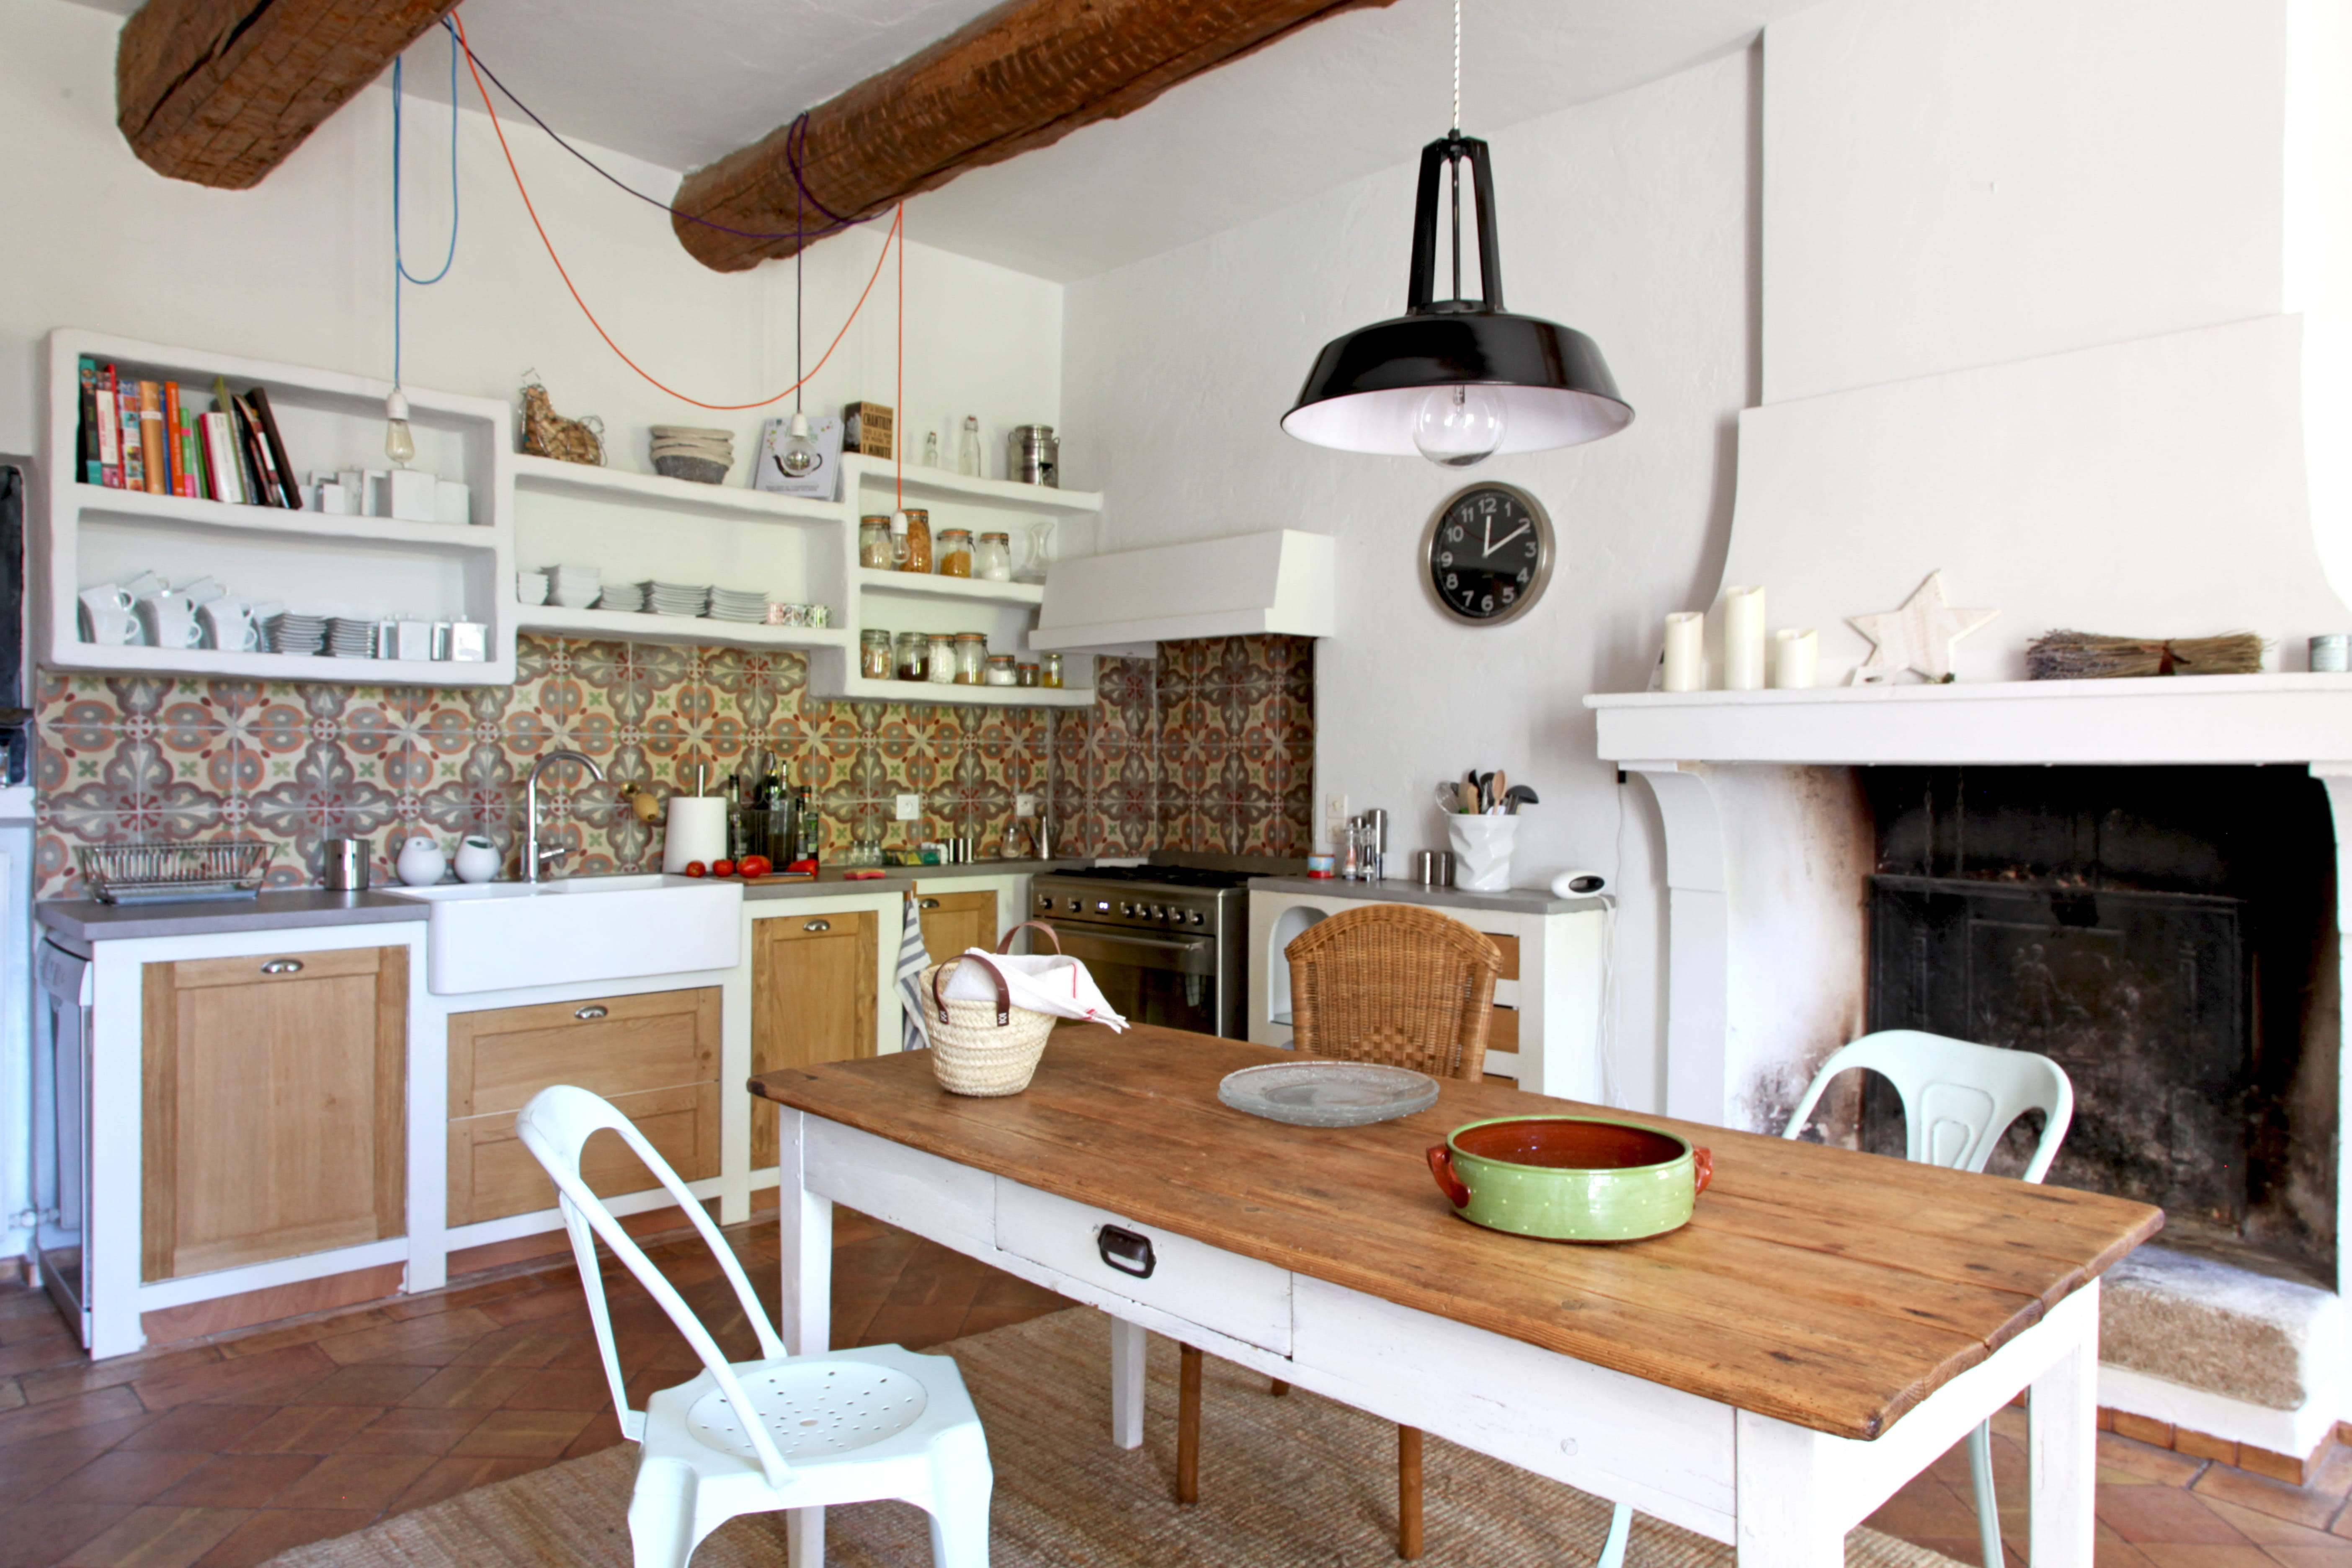 Cuisine blanche et bois donner un style maison de famille sa d co journ - Cuisine blanche bois ...